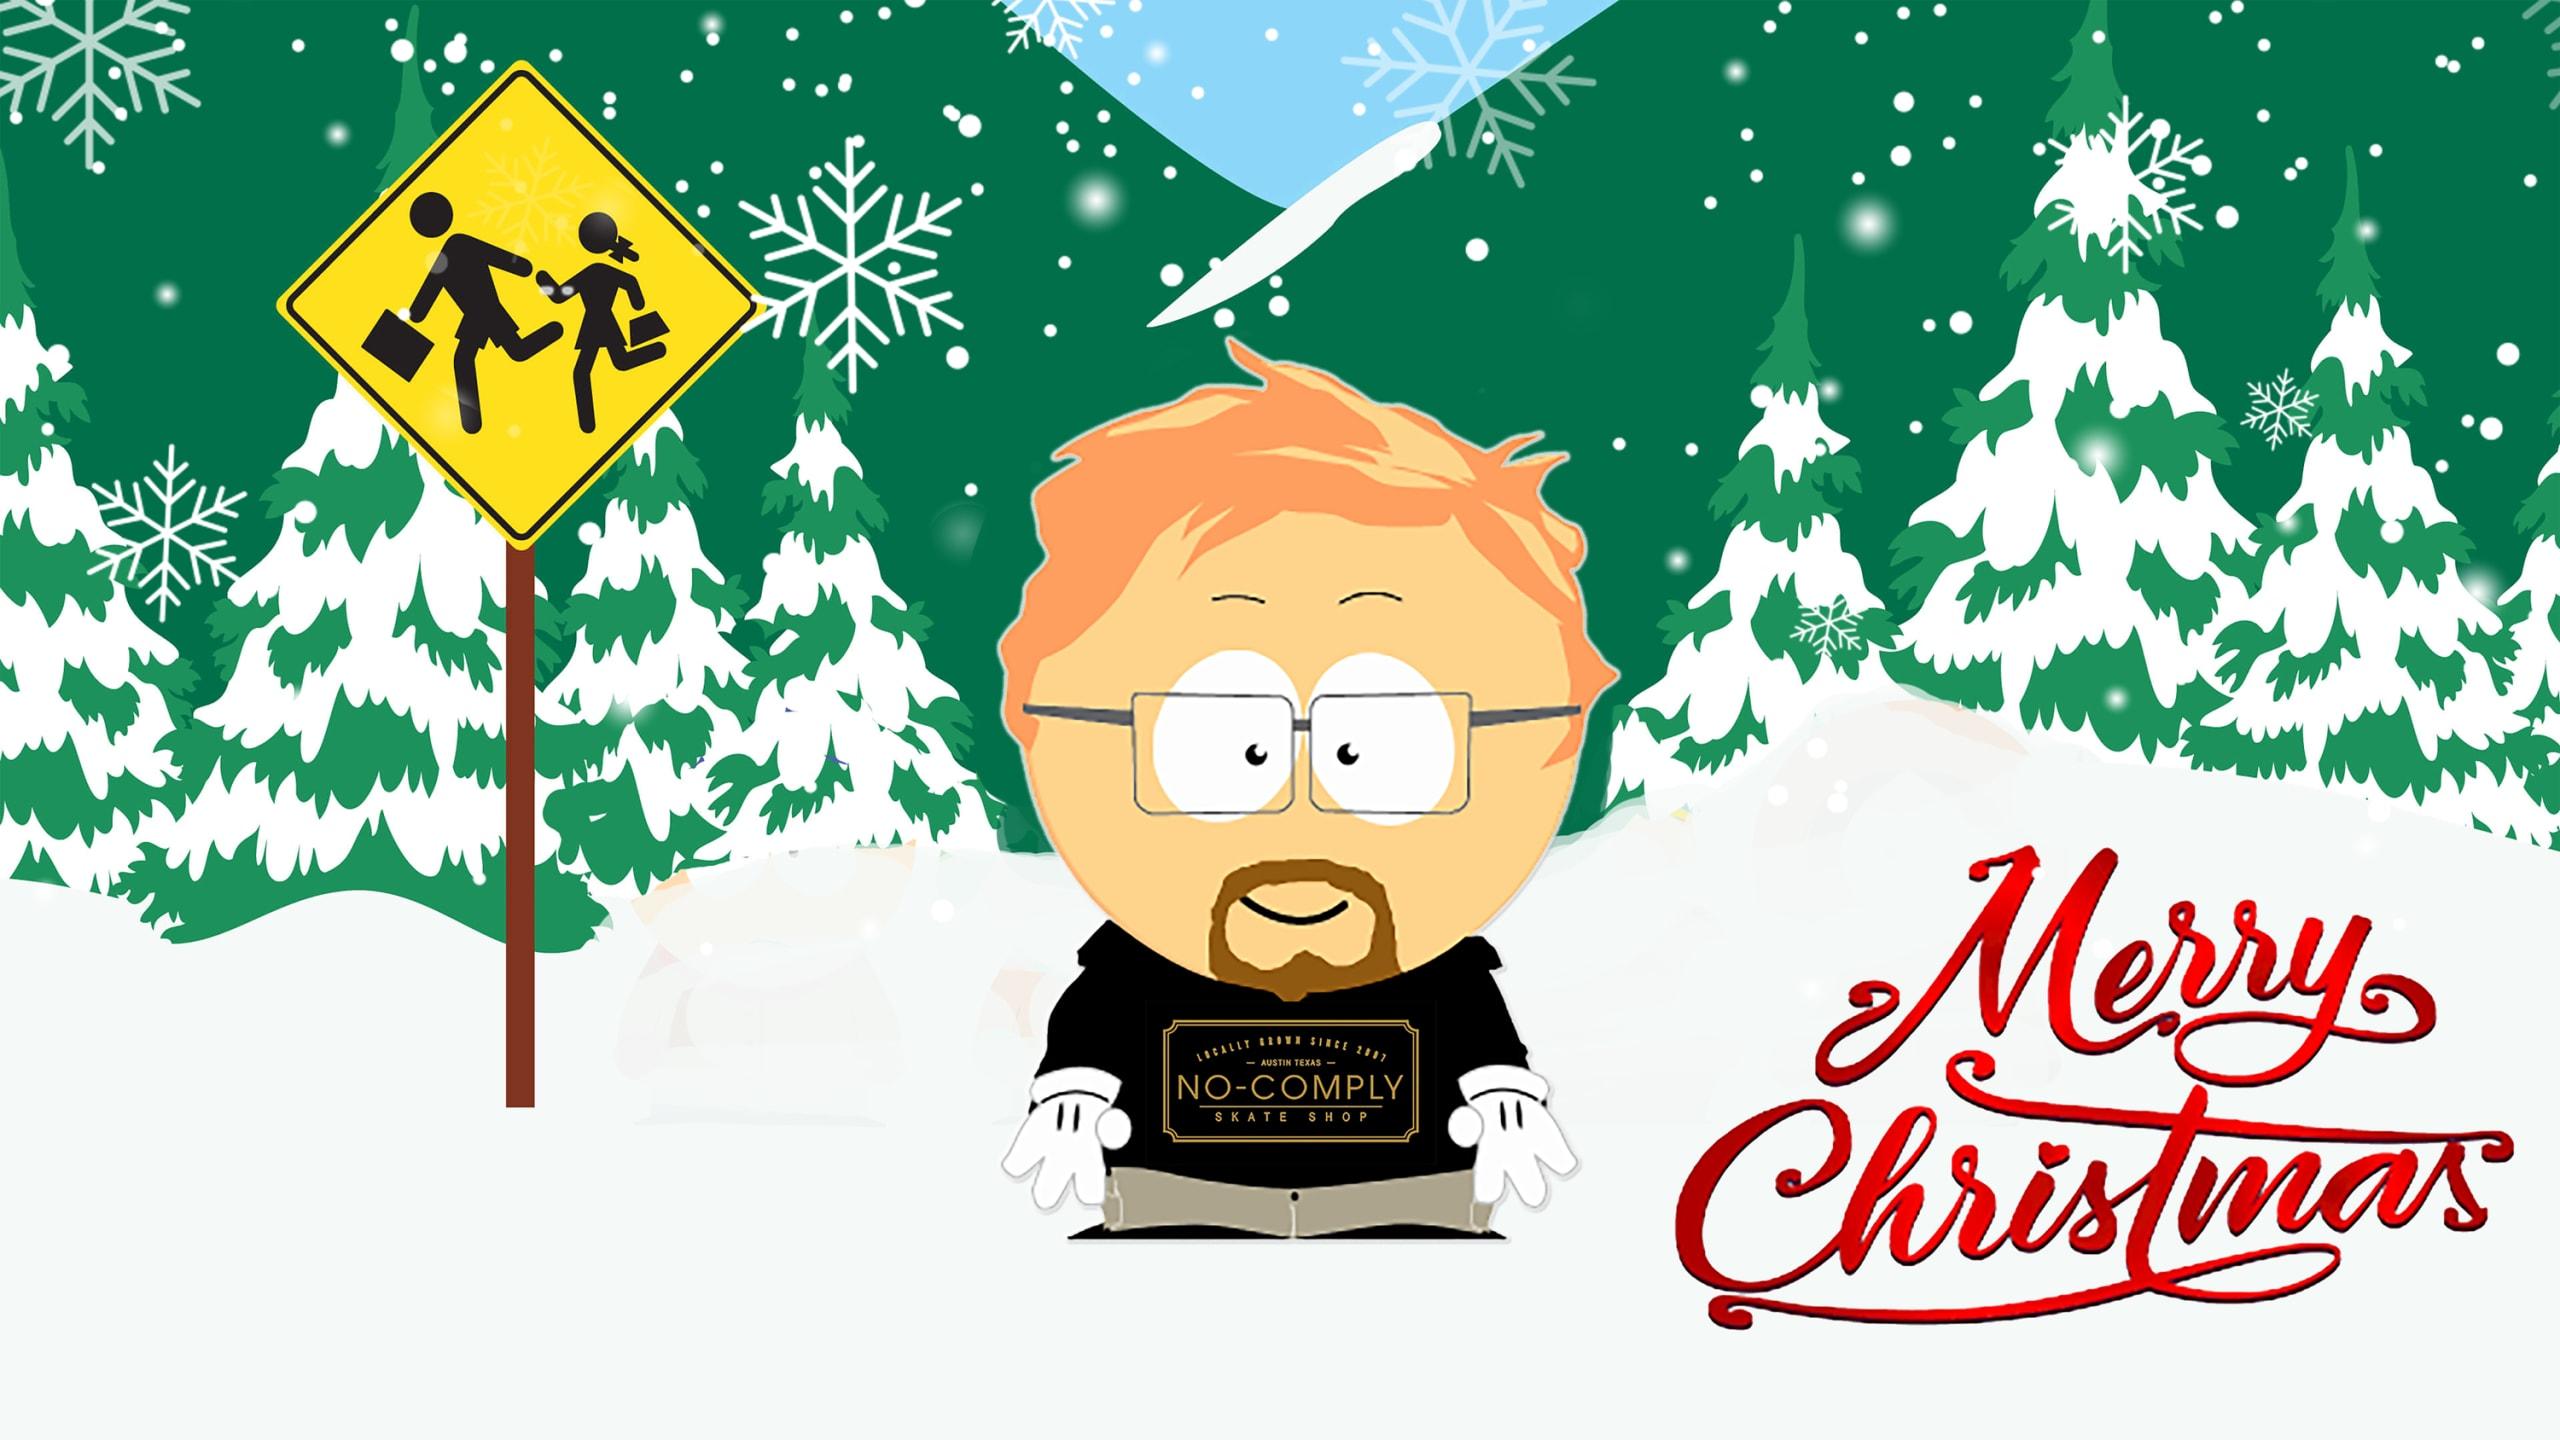 Southpark Christmas